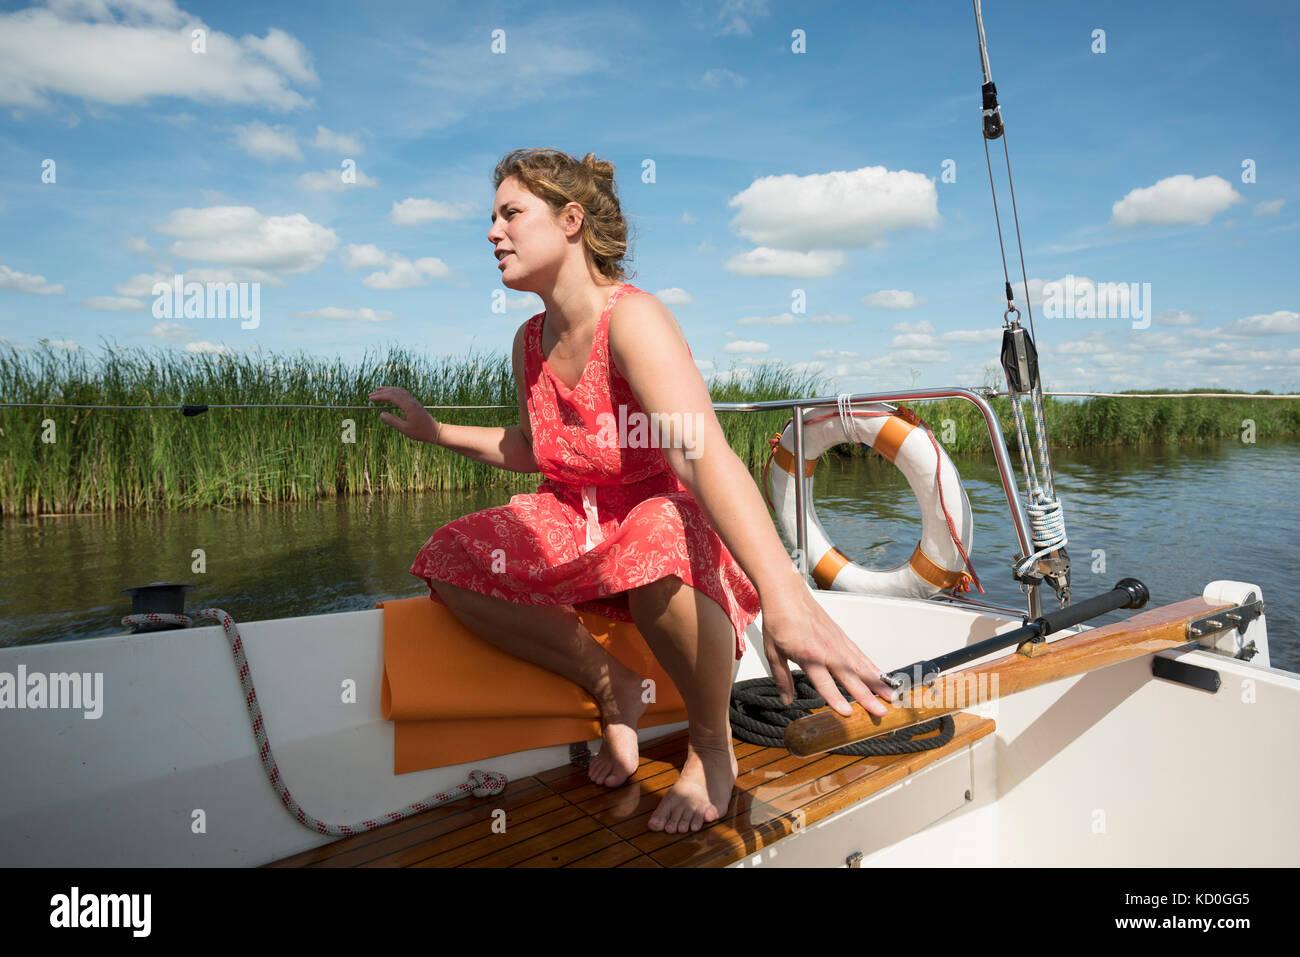 Frau auf Boot in der friesischen Seenplatte in vintage Kleid, sneek, friesland, Niederlande Stockbild